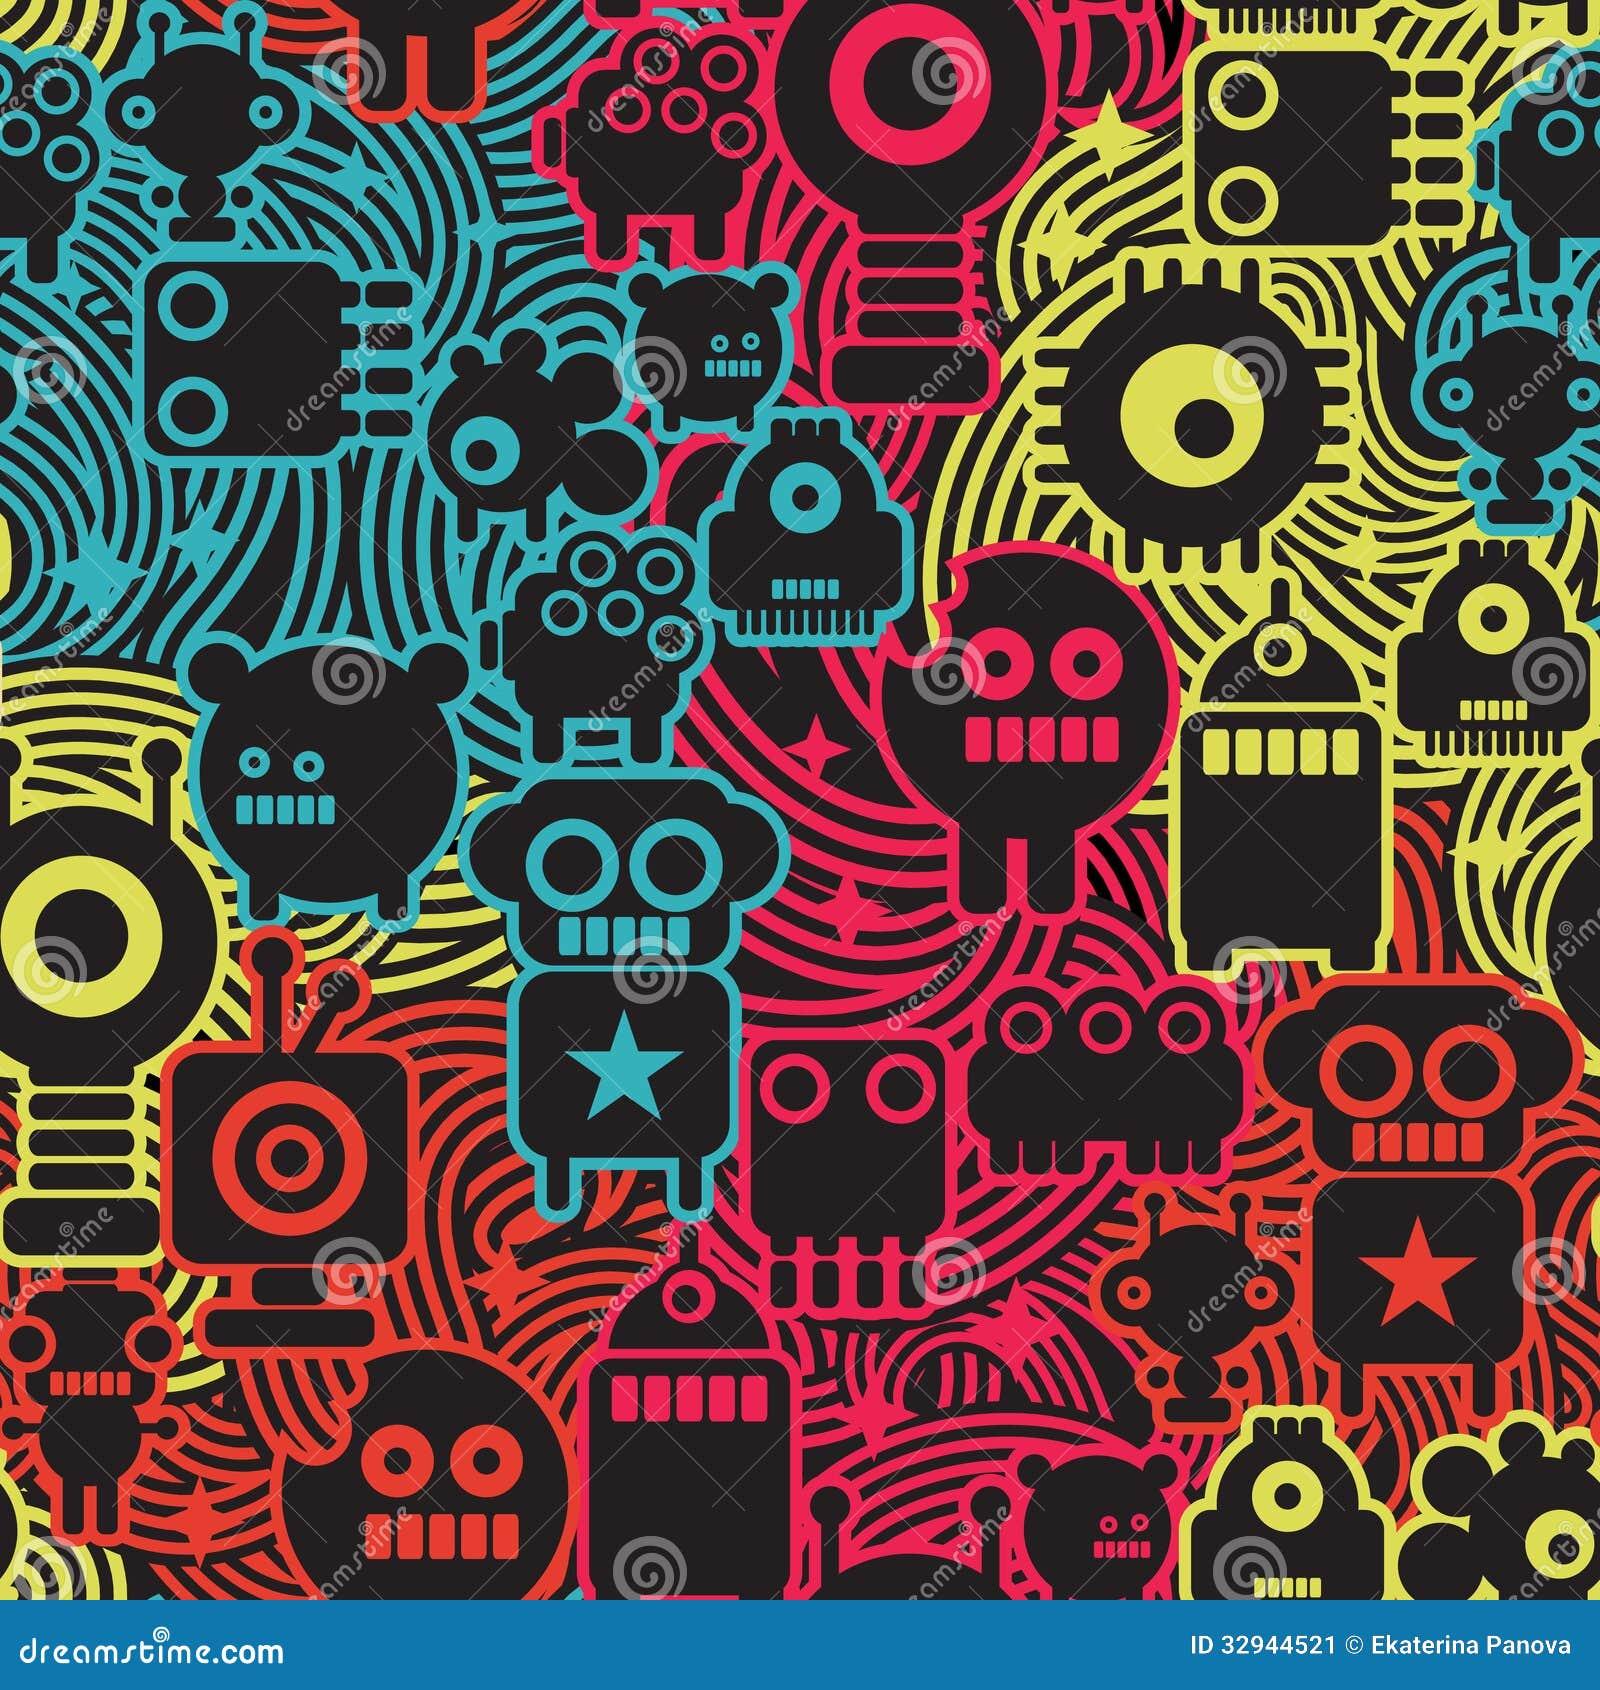 Cool Scratch Art Designs